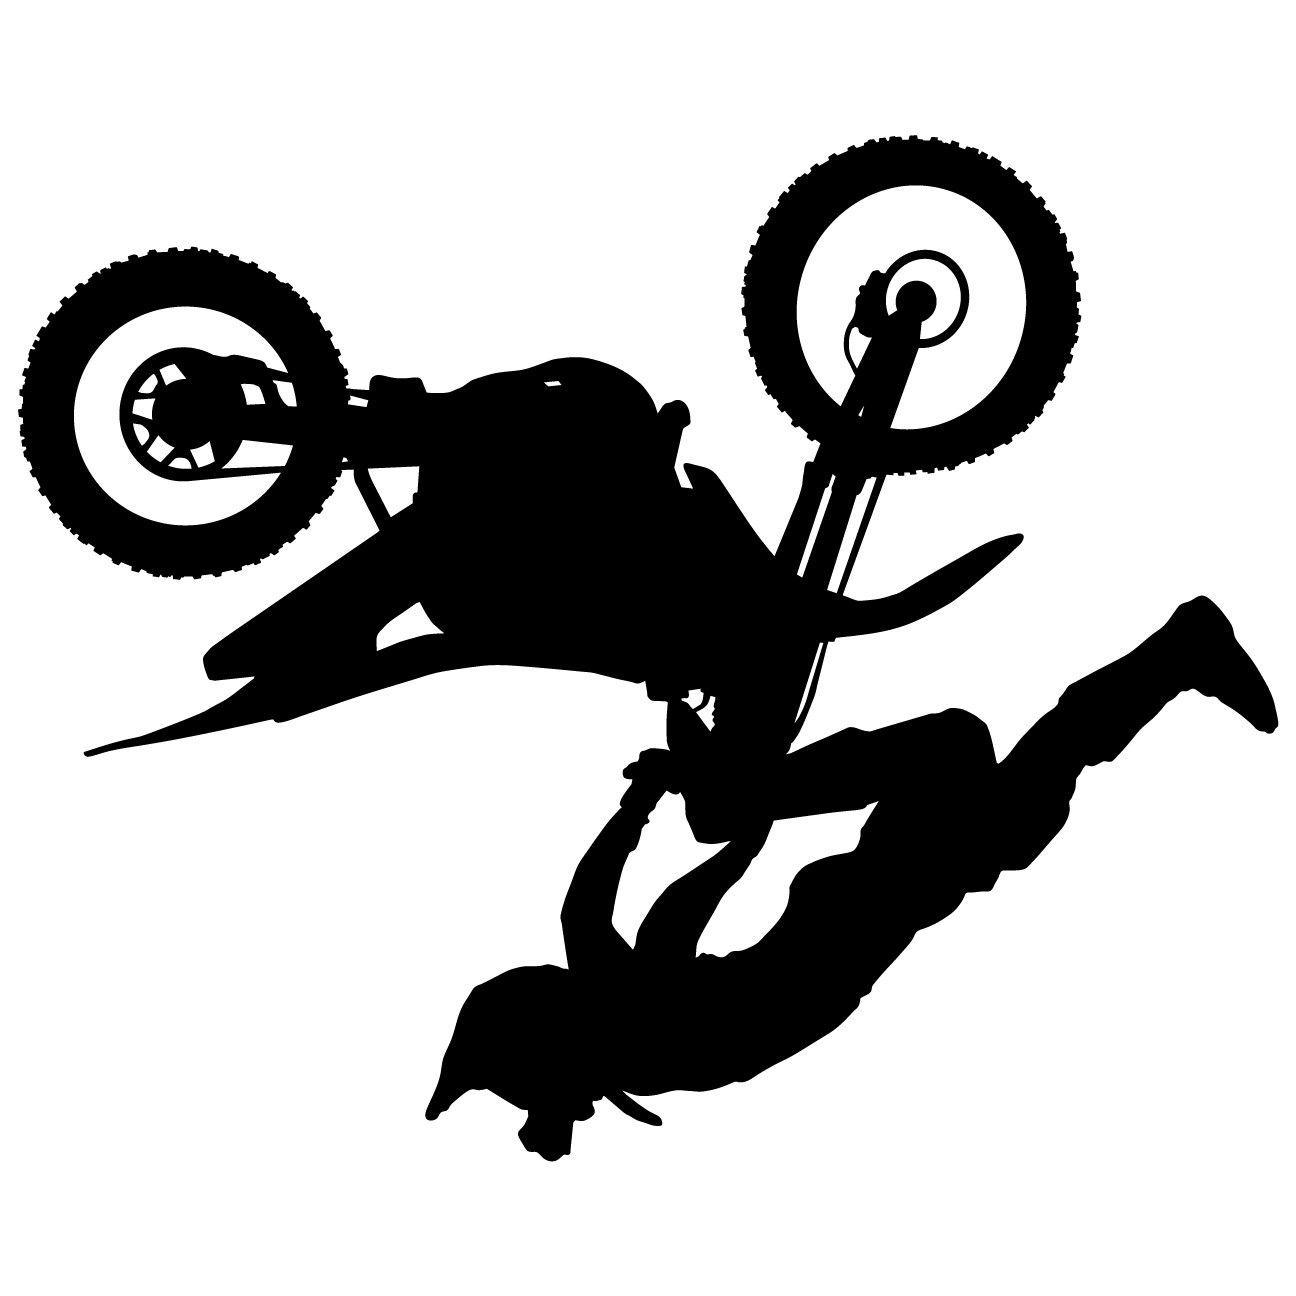 suzuki dirt bikes drawings google search bekkie pinterest motocross dirt bike wall decal sticker 8